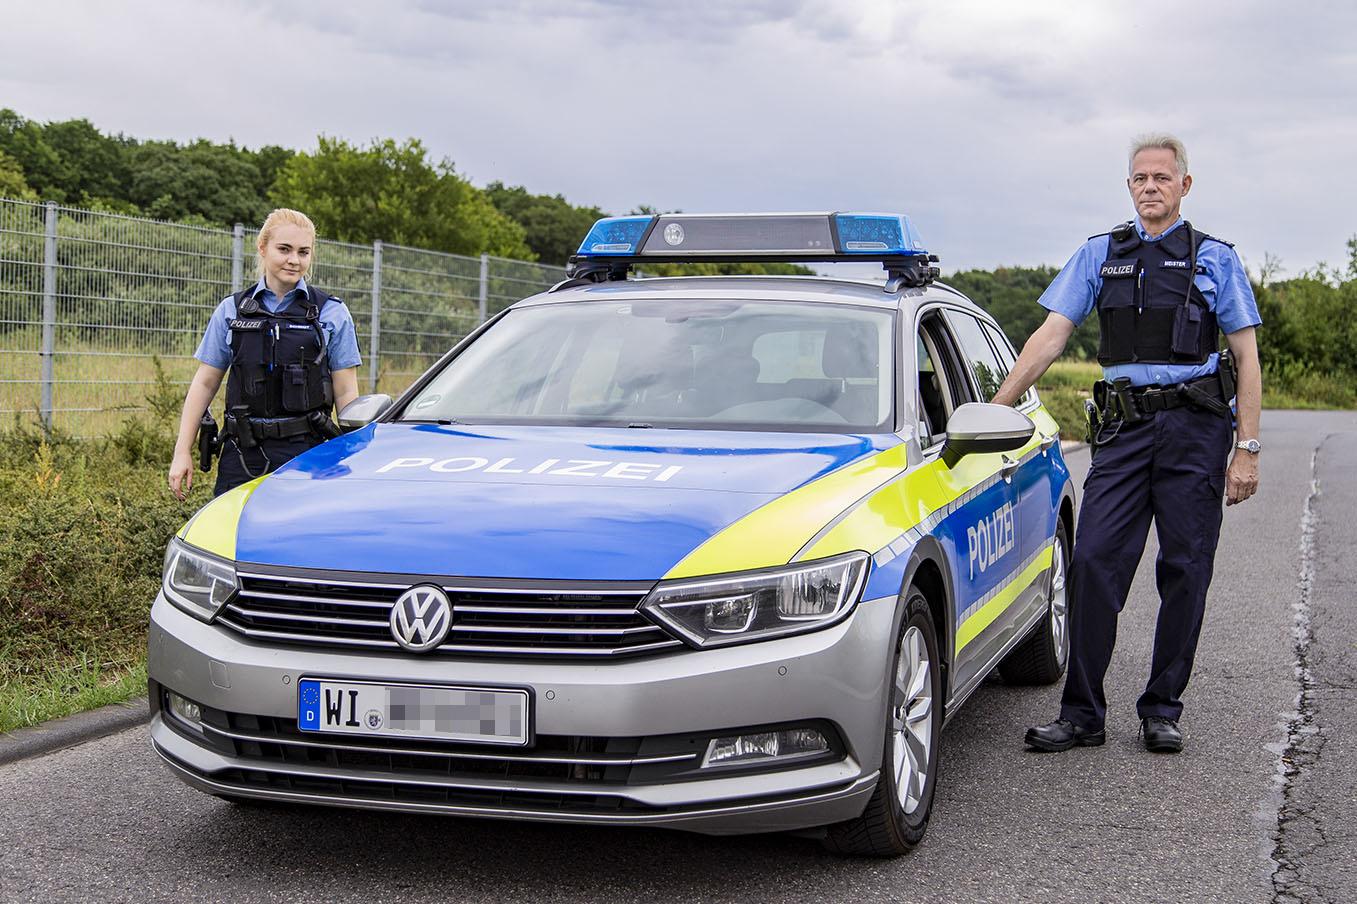 Polizisten stehen bei Streifenwagen